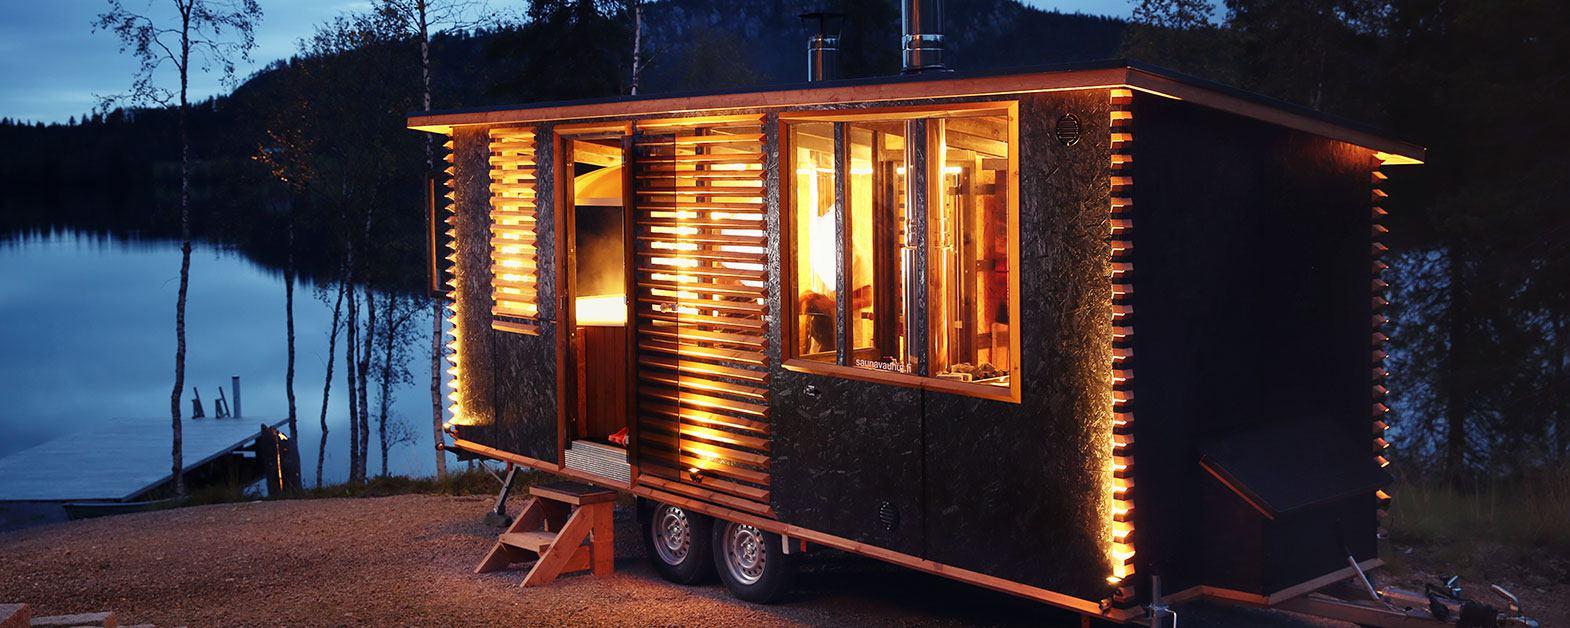 Veto-kiuas-visit-finland-saunatour-deutchland-saunavaunut